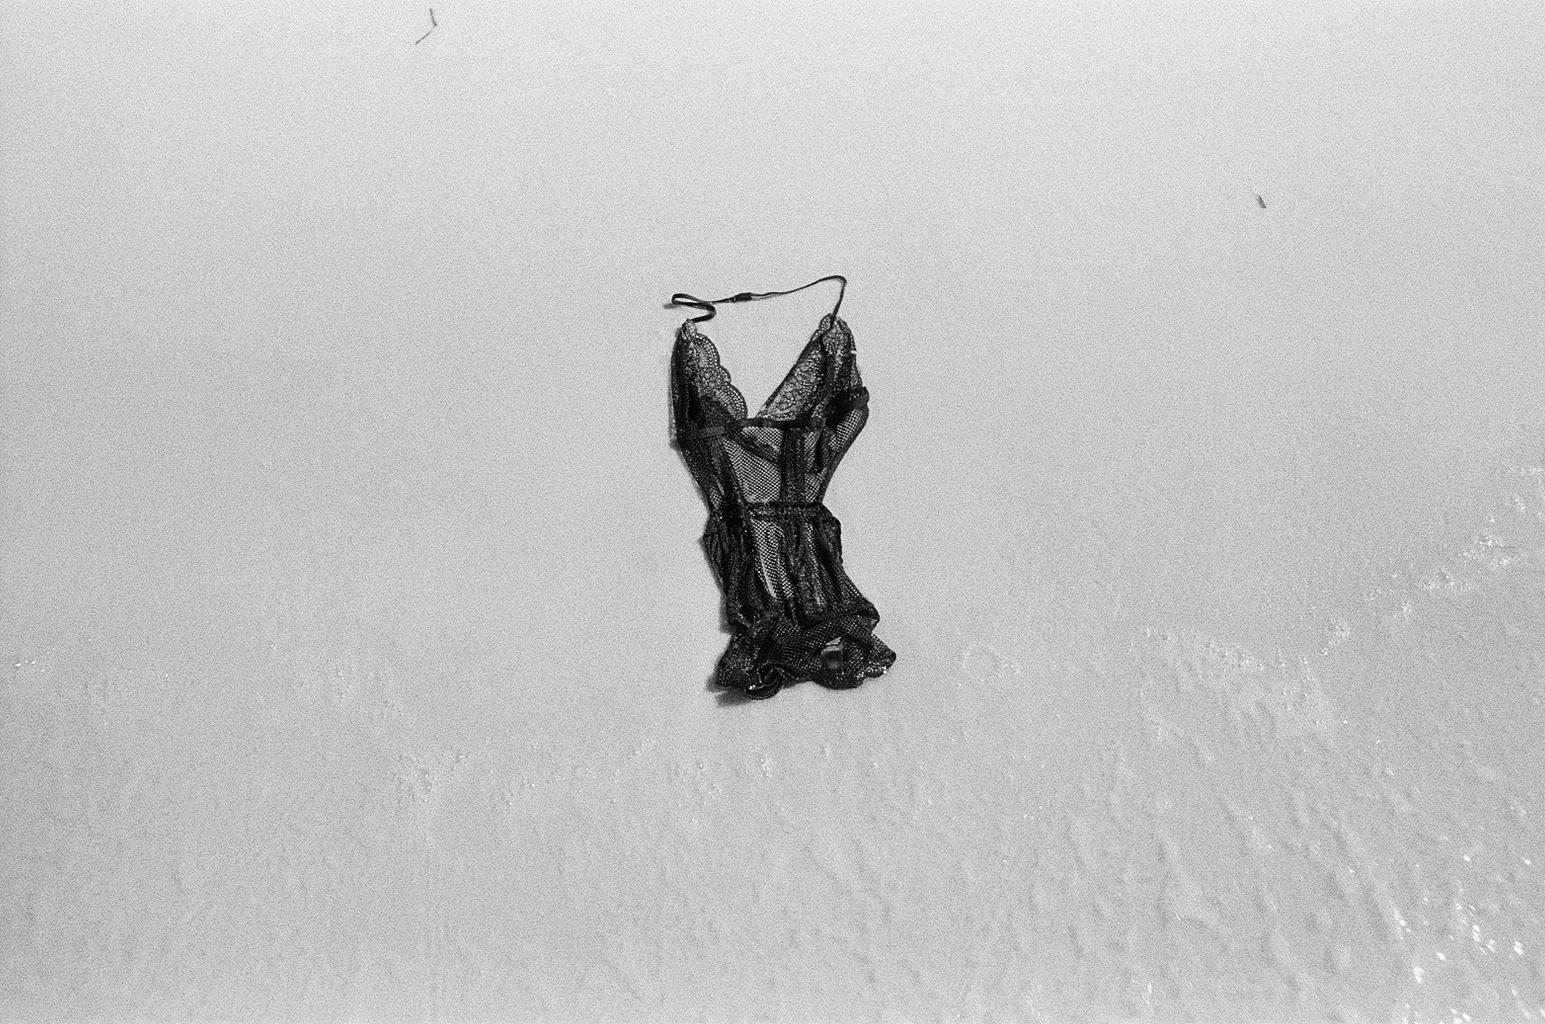 black lingerie on white beach10.jpg